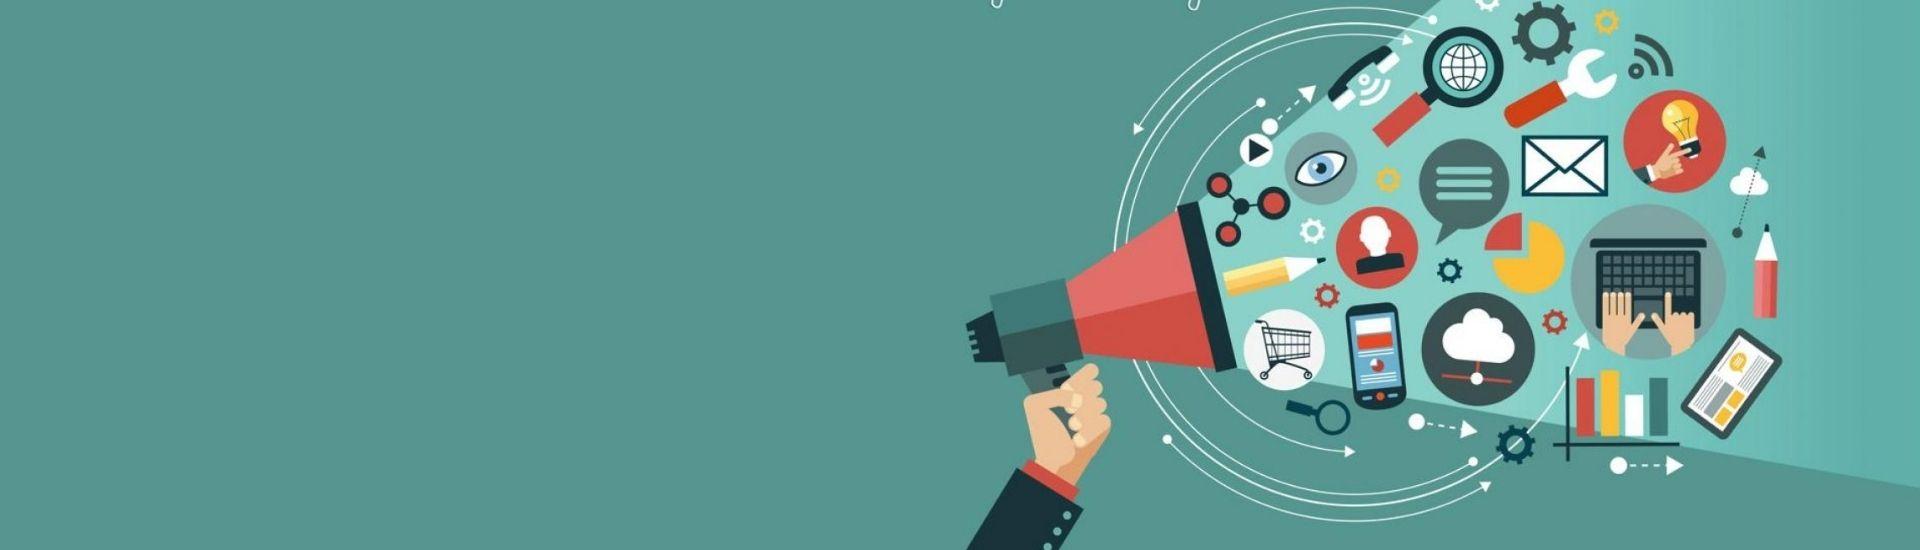 Ilustración con un megáfono del que salen mucho iconos que hacen referencia a la ciudadanía digital, como computadores, apps y redes sociales